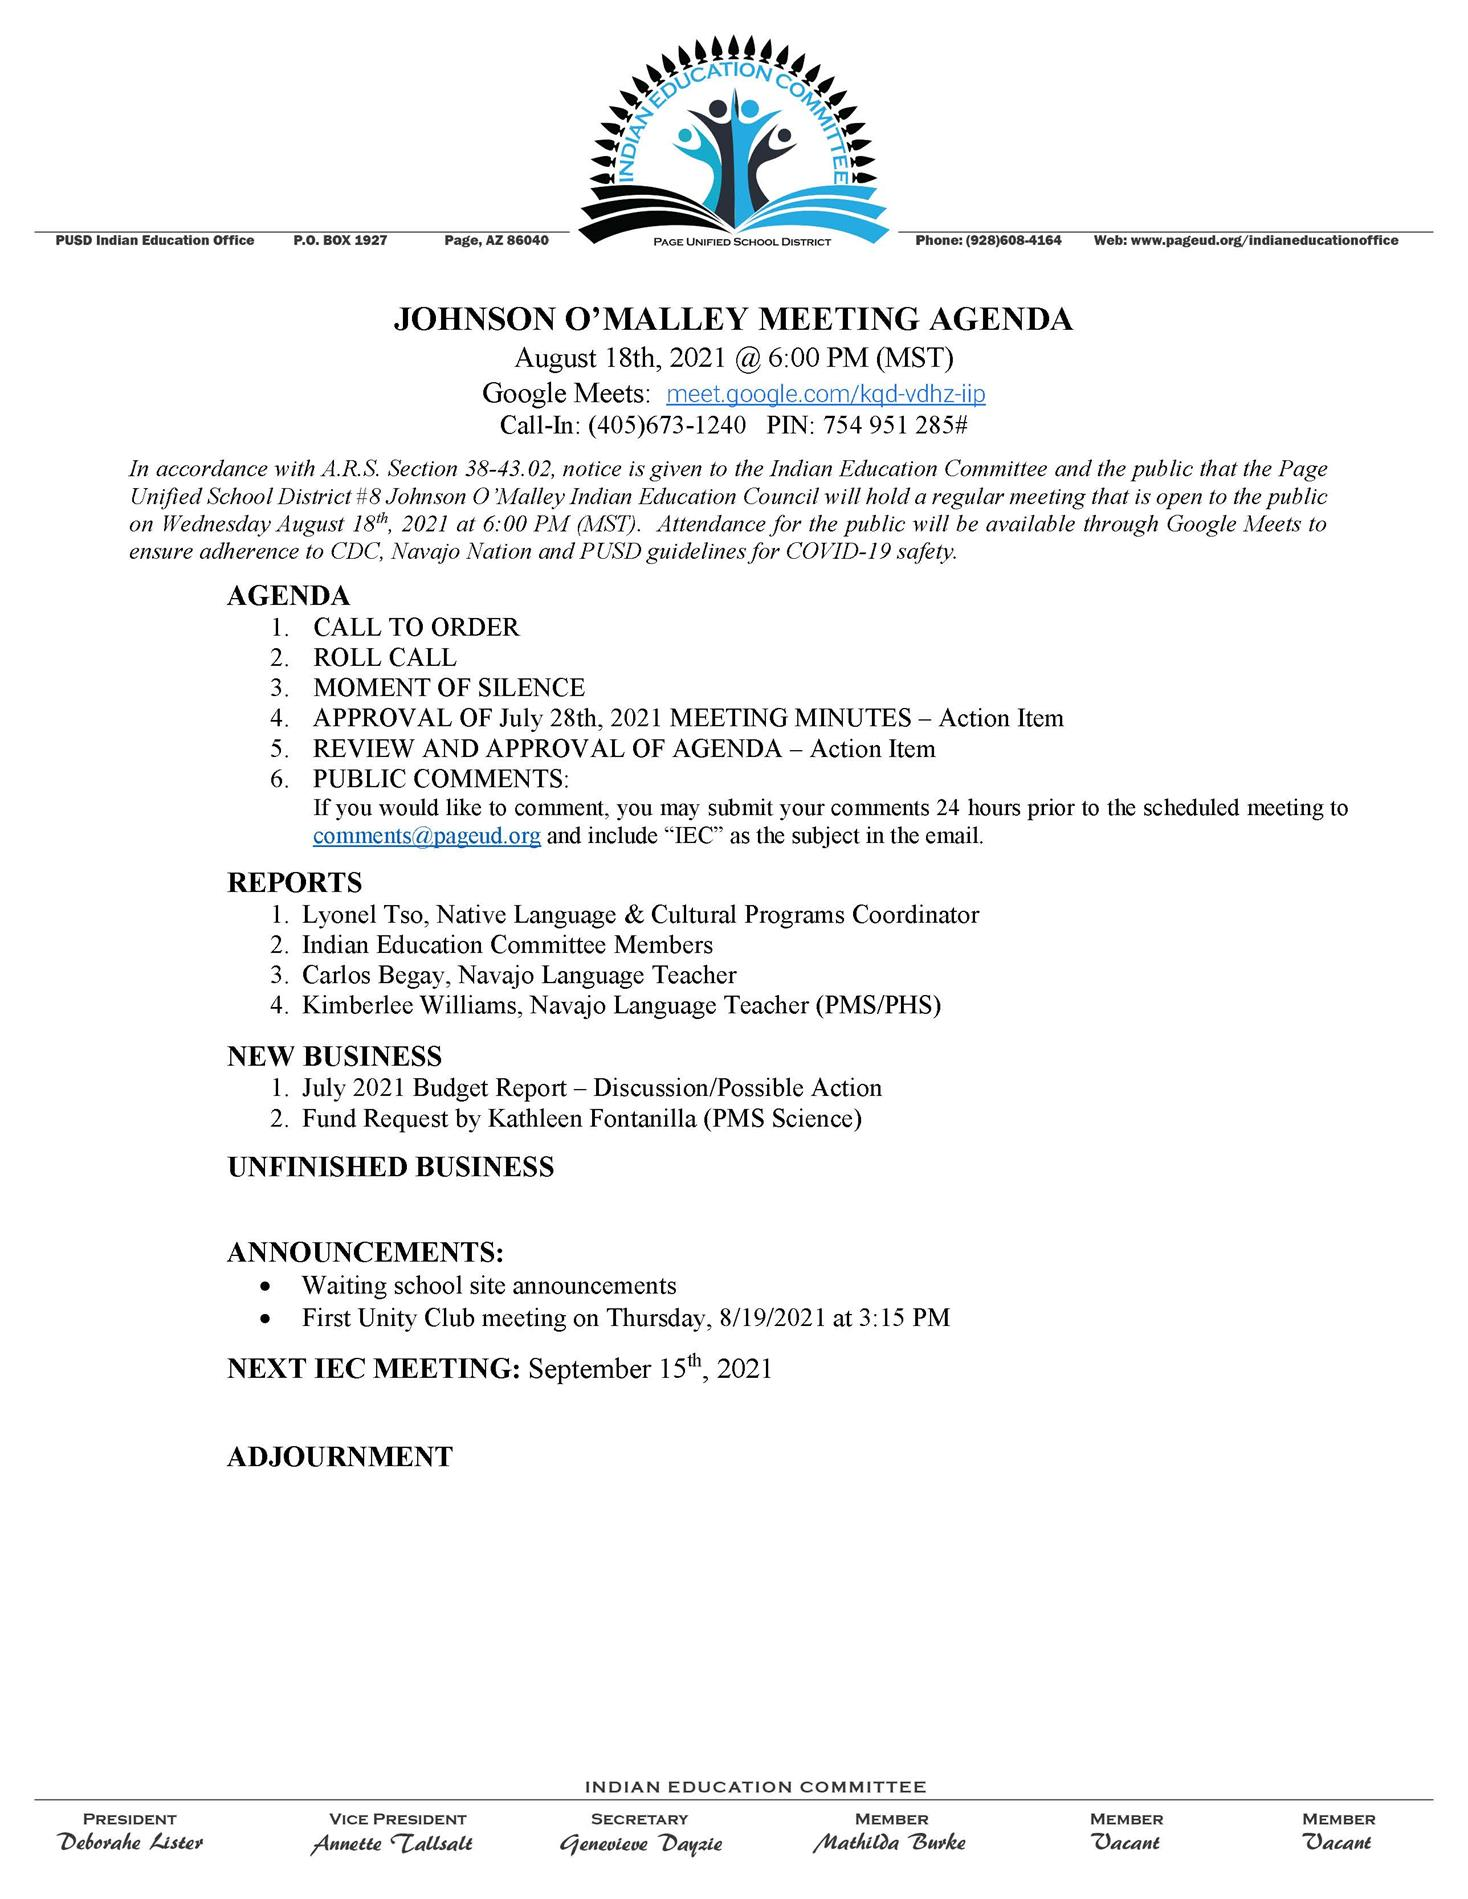 August IEC Meeting Agenda